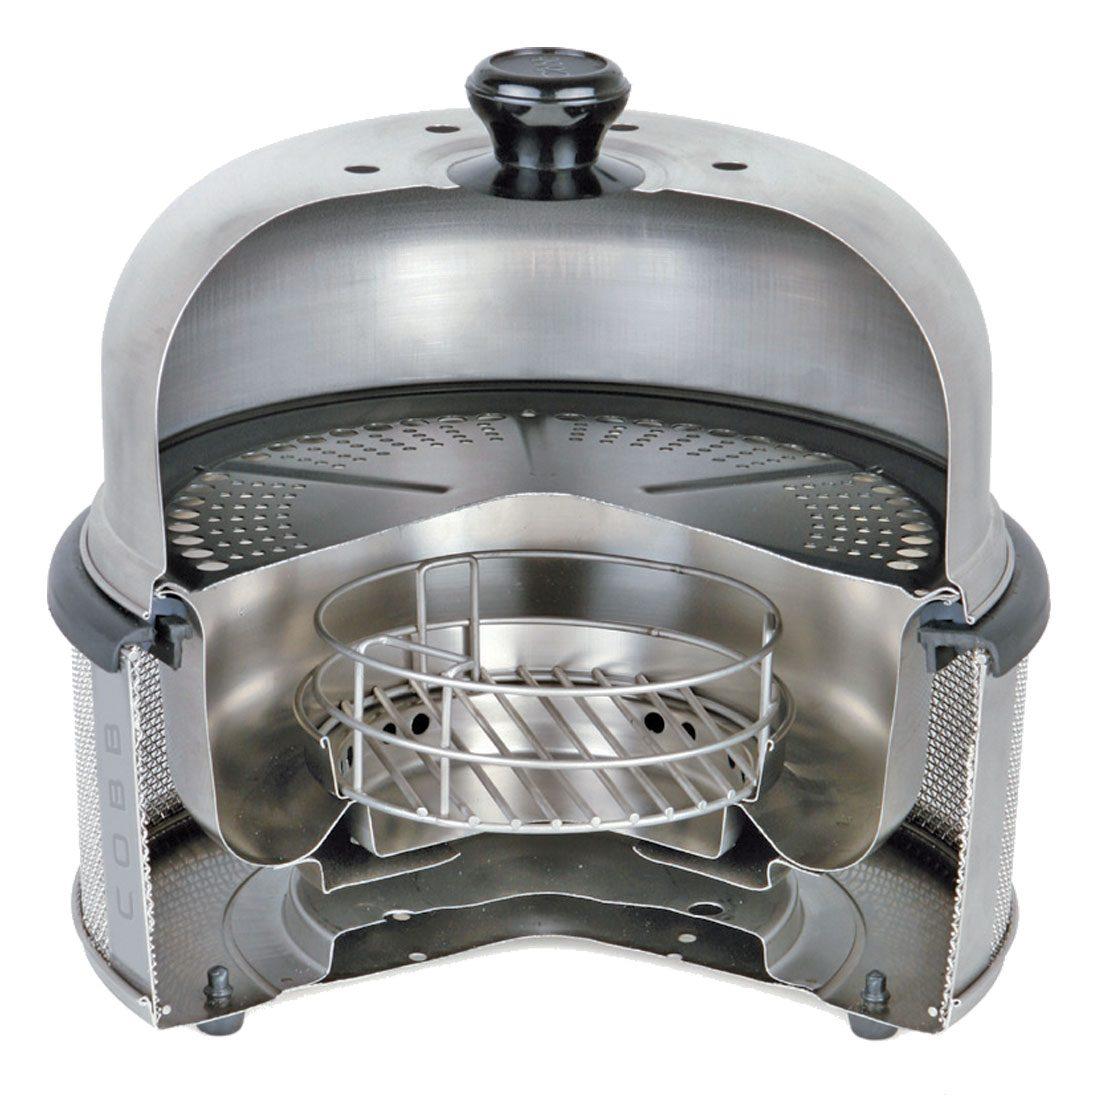 Aufbau des Cobb Grills - Quelle: cobb-grill.de